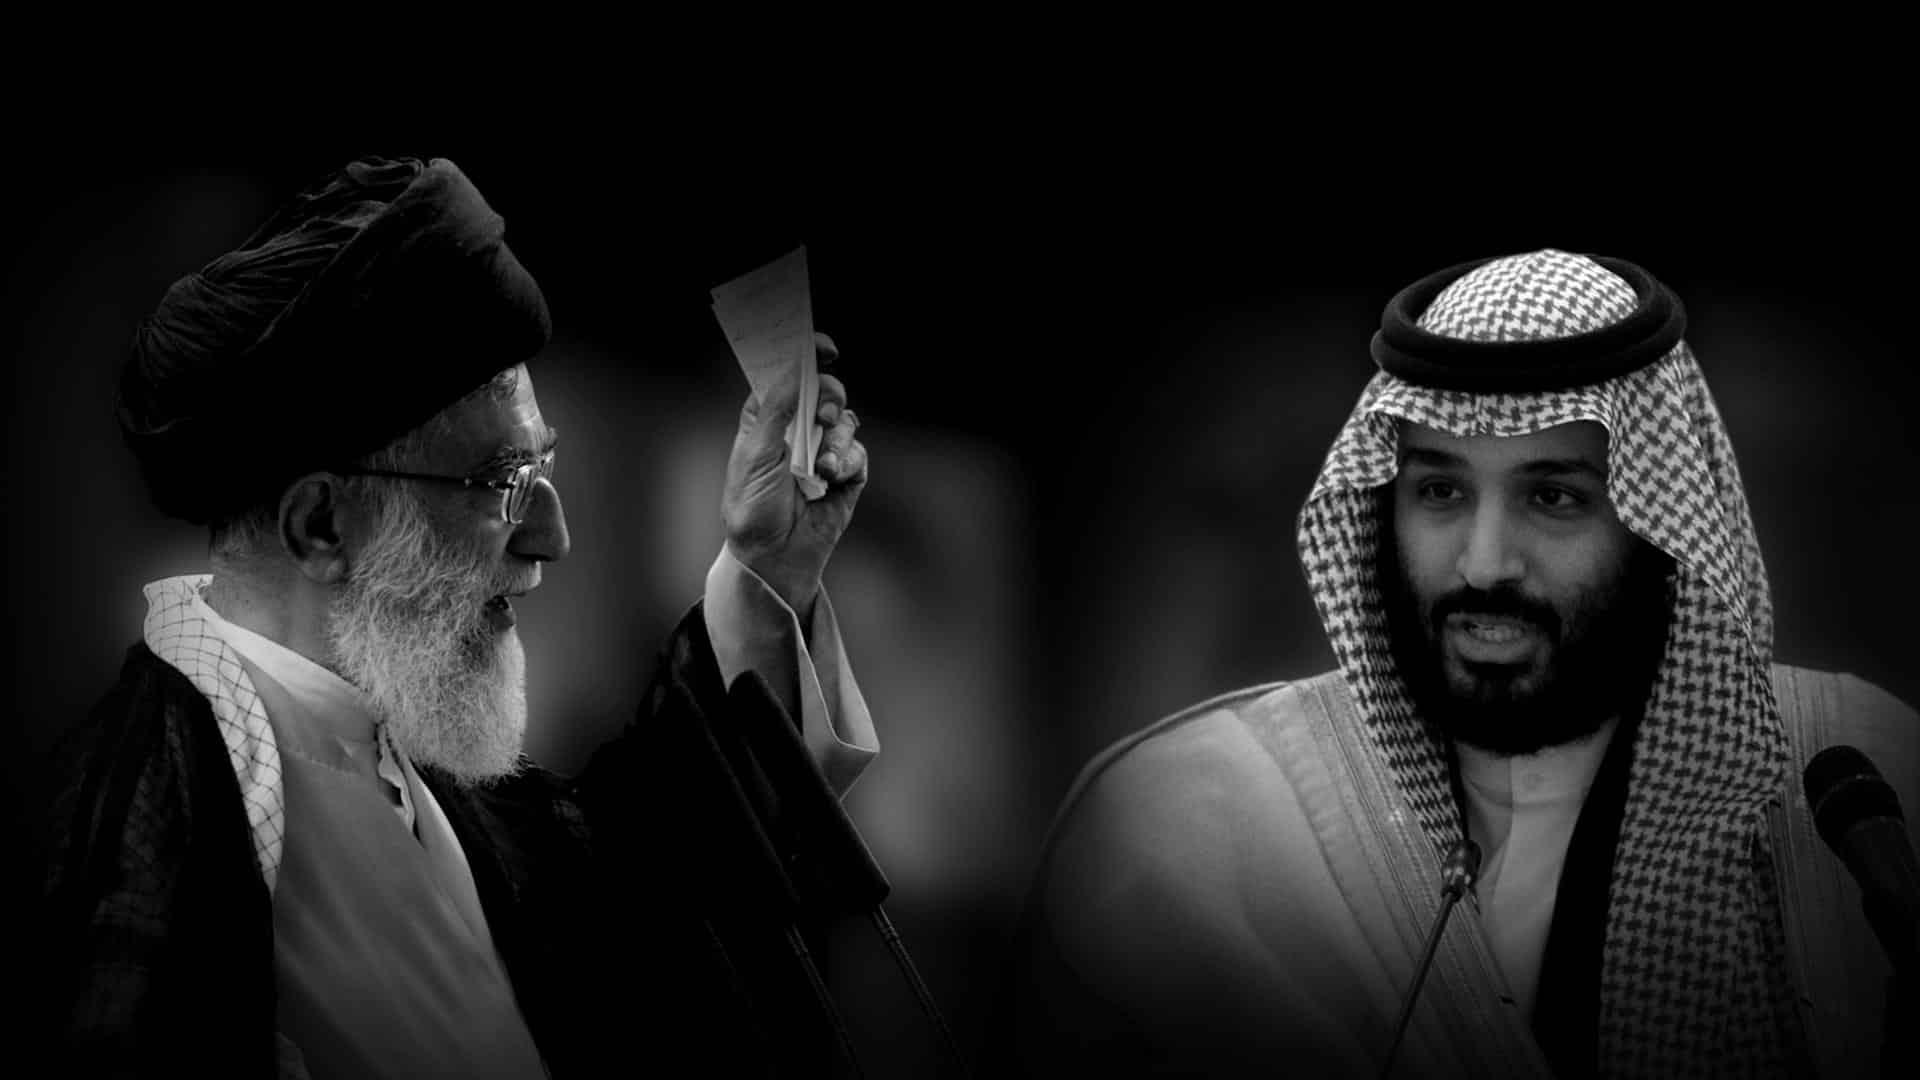 La diplomazia dei missili tra Iran e Arabia Saudita